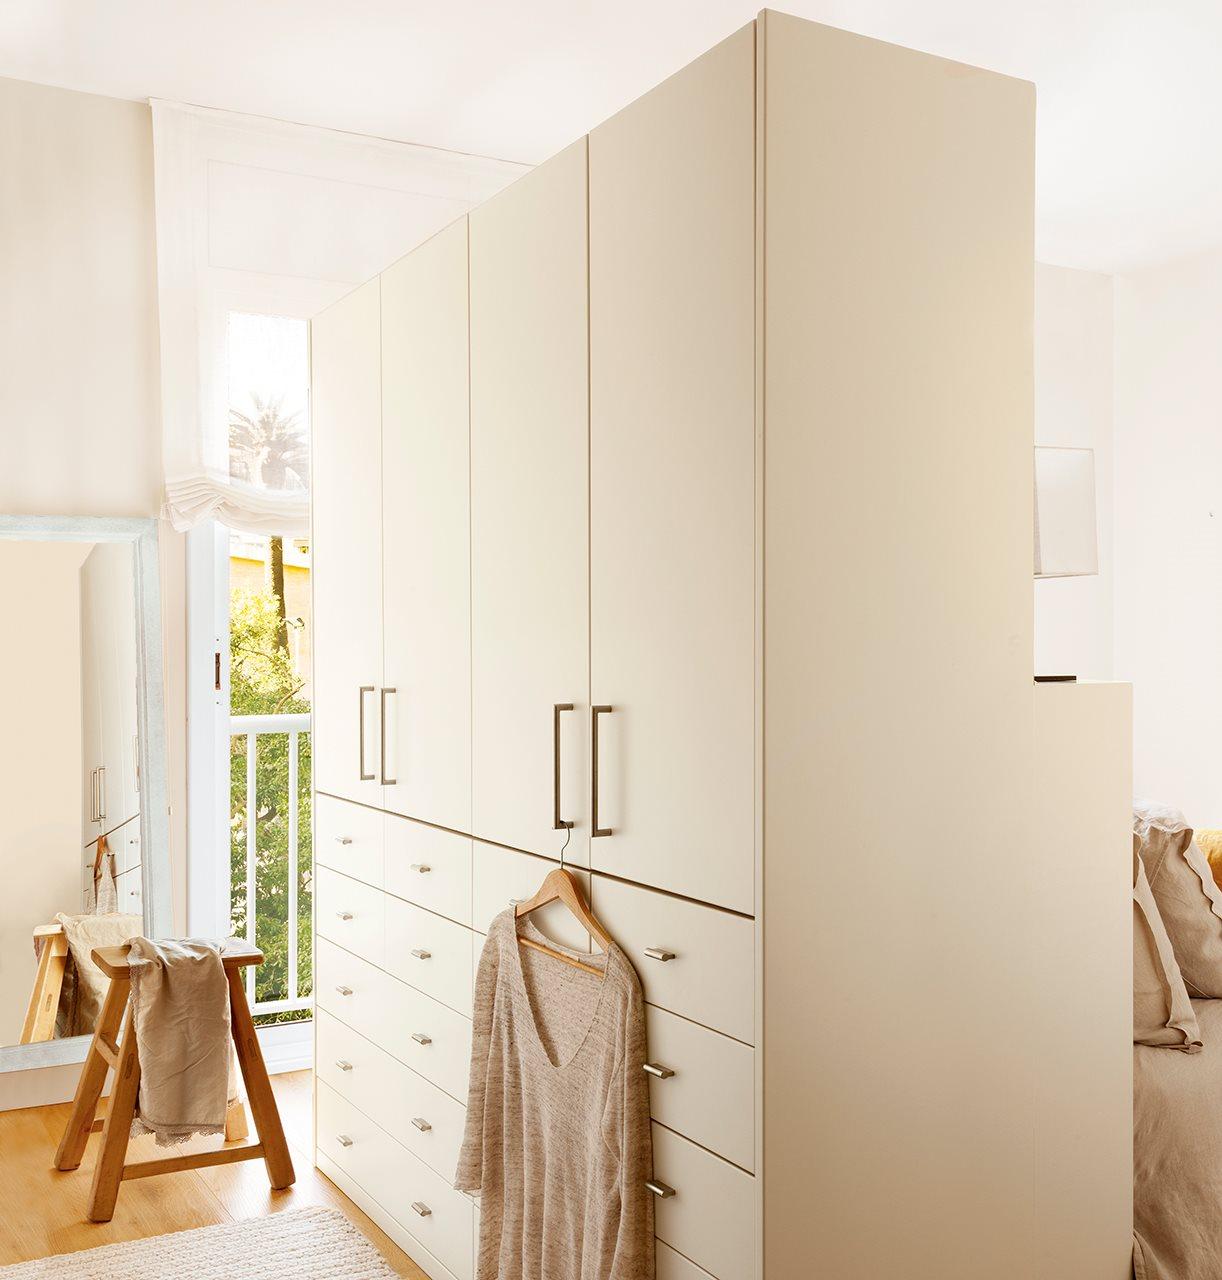 Zona de vestidor. Gran armario blanco con muchos cajones en el vestidor